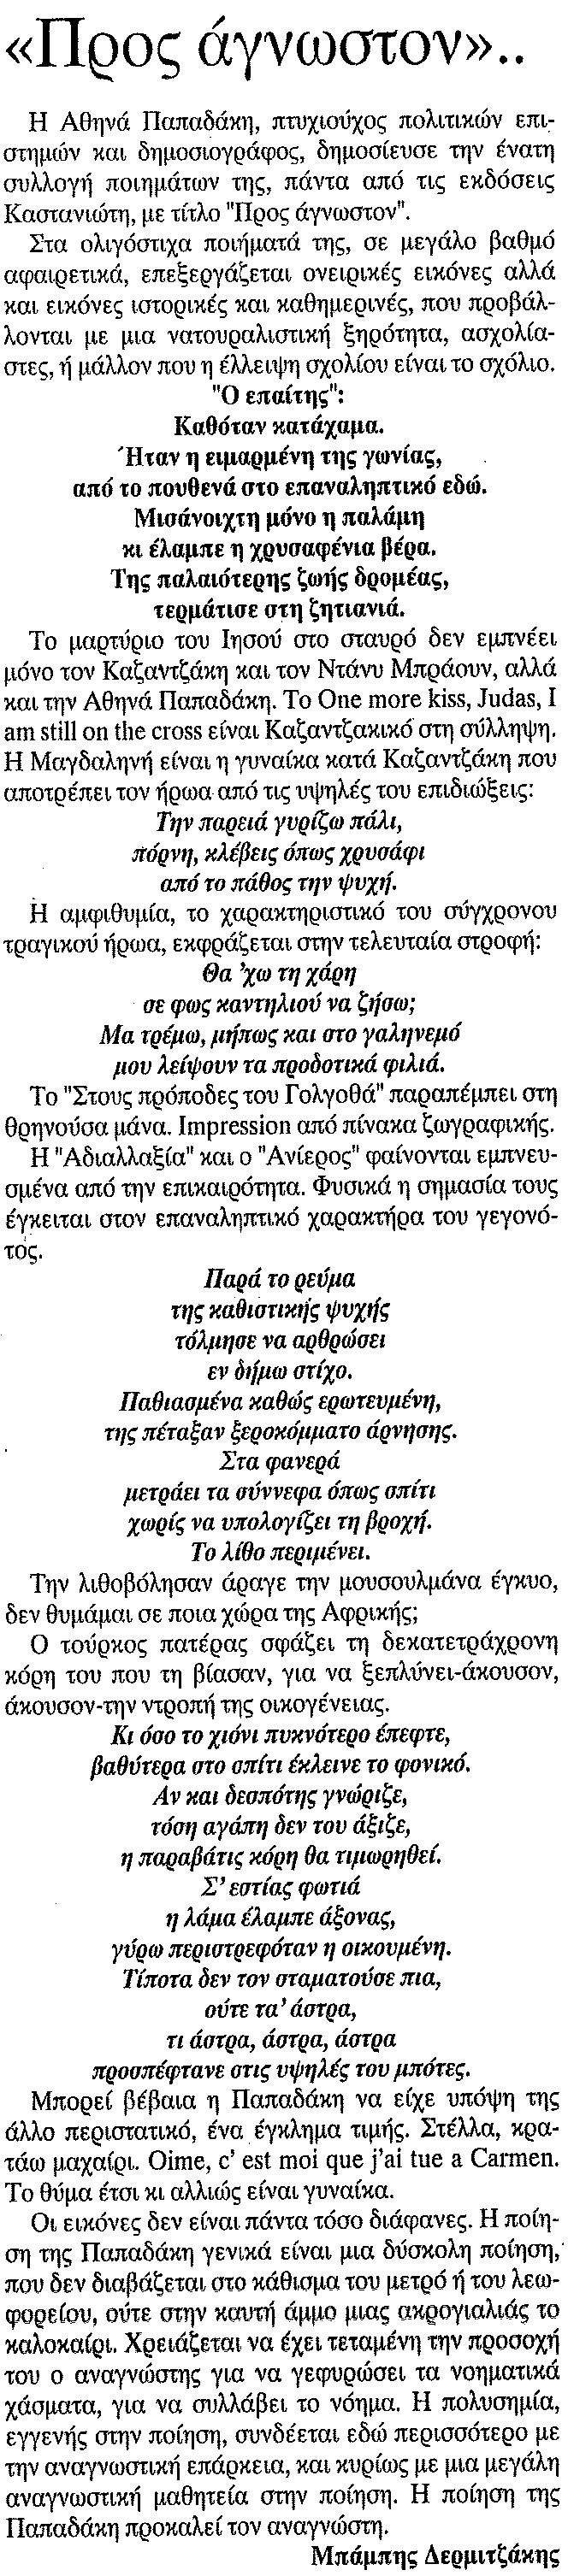 ΜΠΑΜΠΗΣ ΔΕΡΜΙΤΖΑΚΗΣ, ΠΡΟΣ ΑΓΝΩΣΤΟΝ1